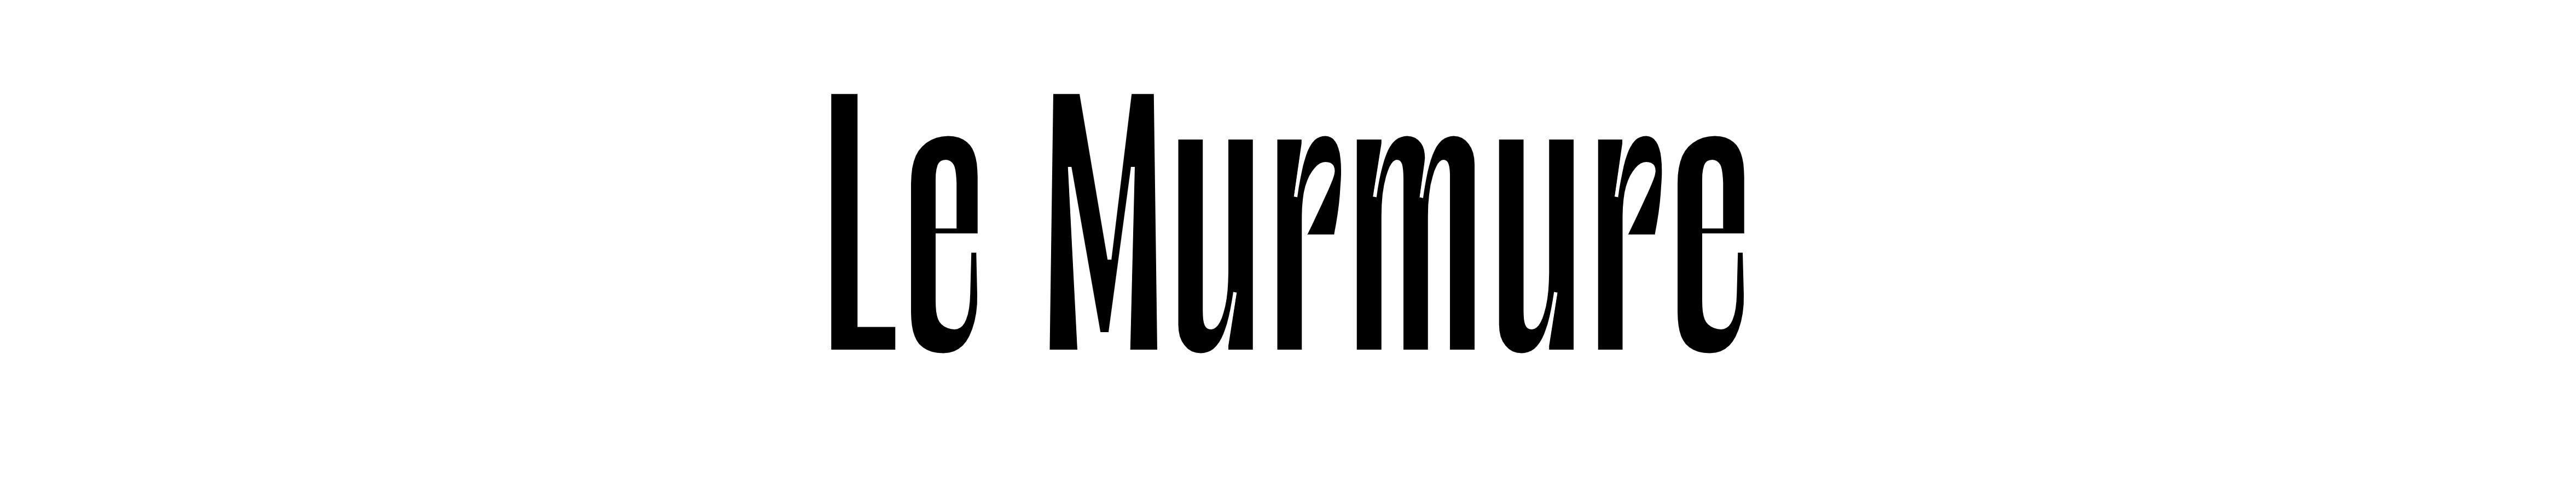 Le Murmure